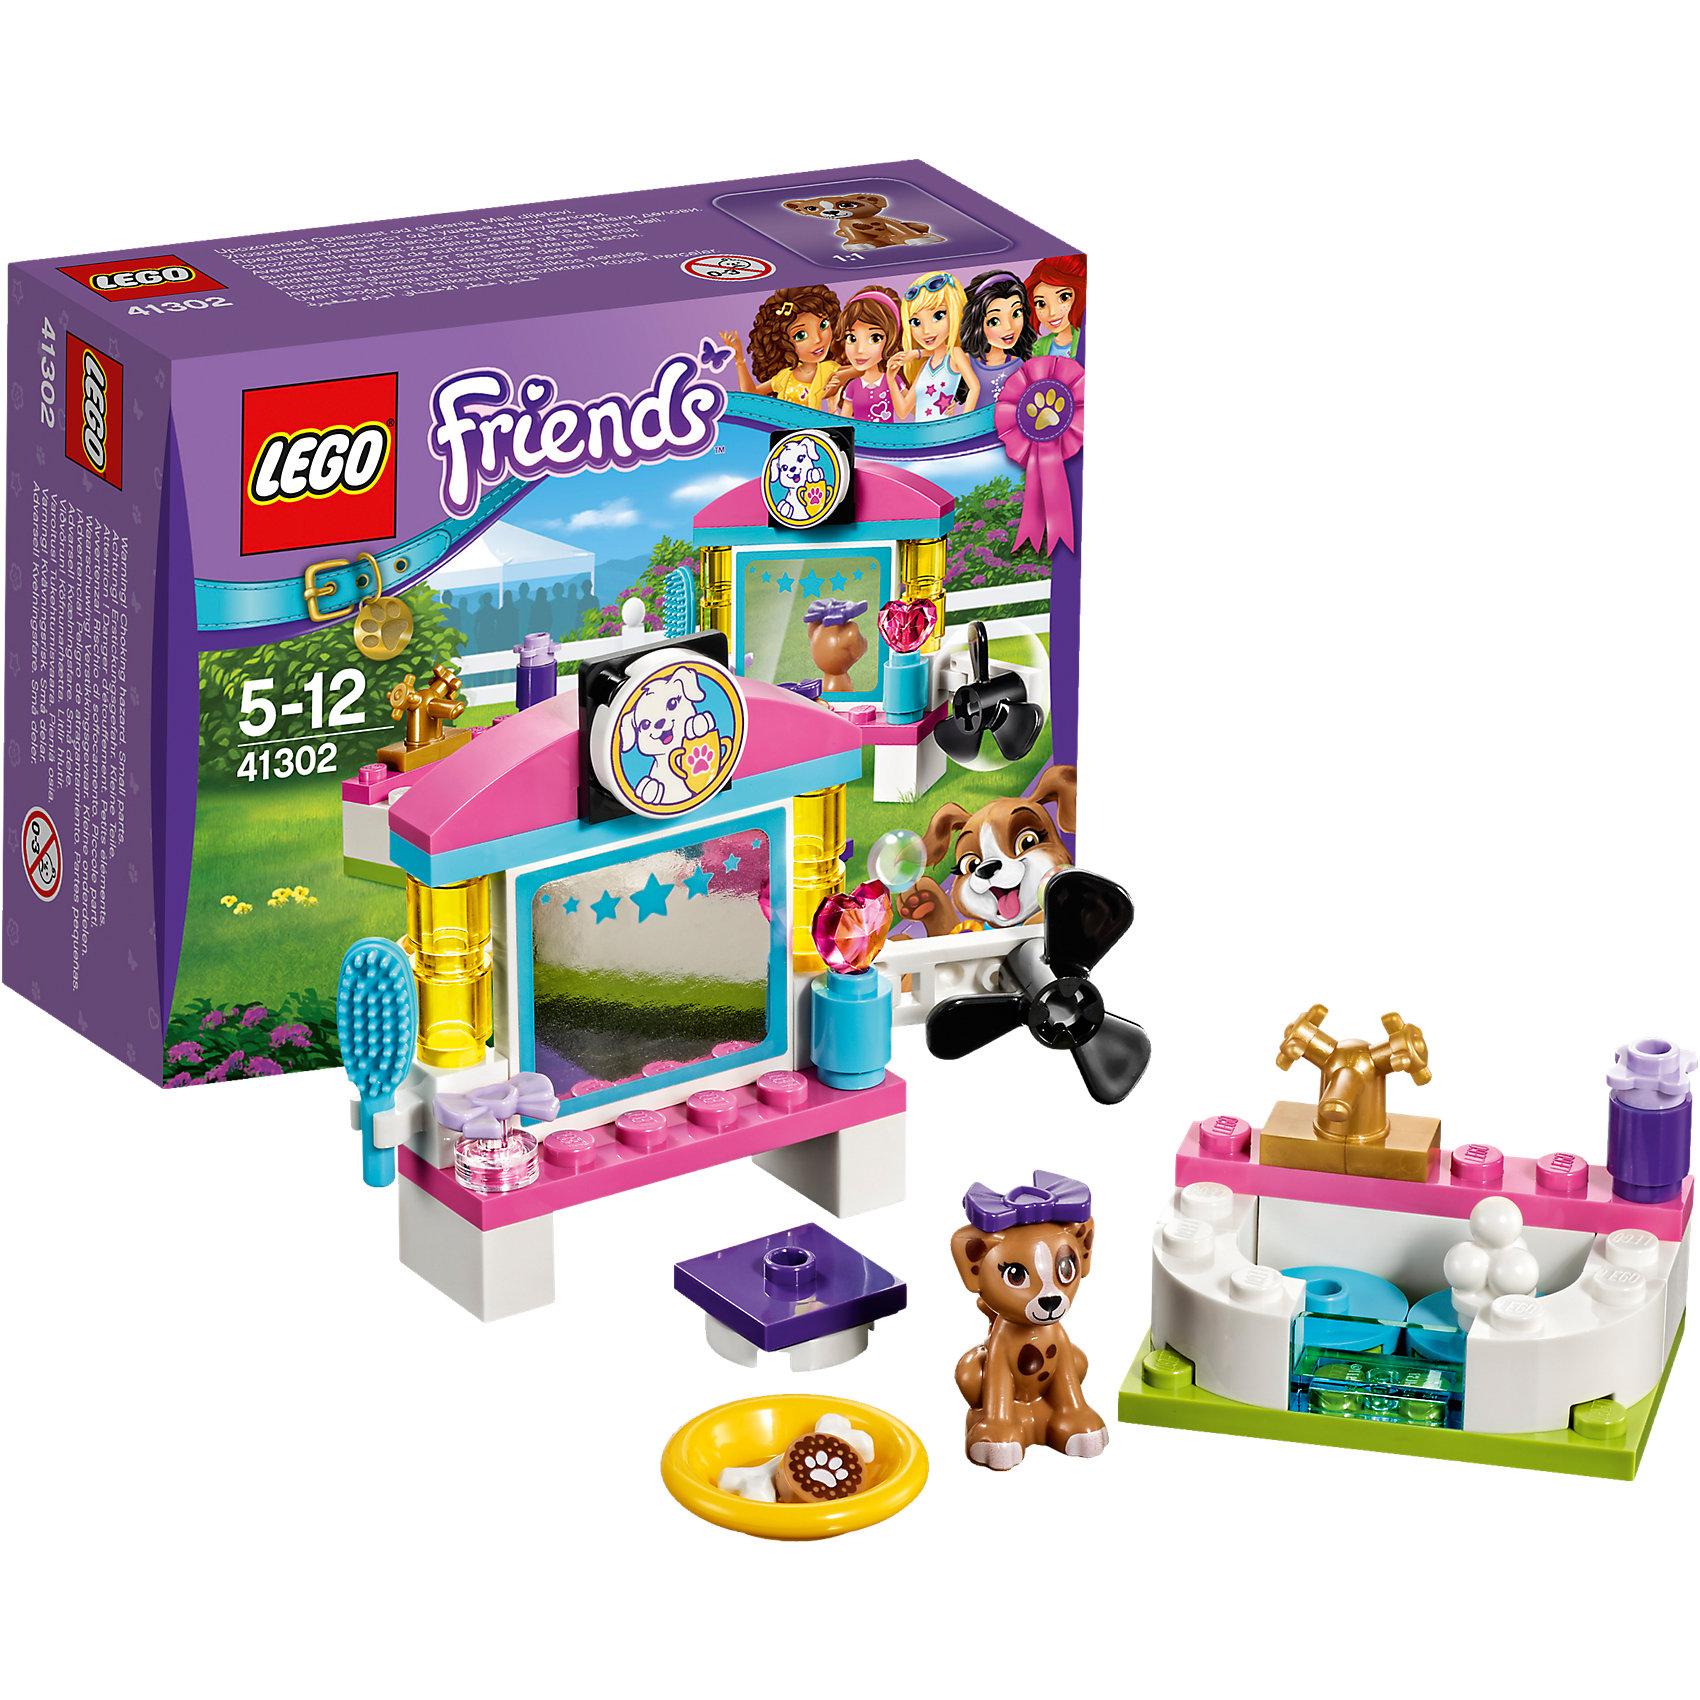 LEGO Friends 41302: Выставка щенков: Салон красотыПластмассовые конструкторы<br>LEGO Friends 41302: Выставка щенков: Салон красоты<br><br>Характеристики:<br><br>- в набор входит: детали салона, щенок Лара, аксессуары, красочная инструкция<br>- состав: пластик<br>- количество деталей: 45<br>- размер туалетного столика: 8 * 3 * 6 см.<br>- размер ванны: 3 * 4 * 3 см.<br>- для детей в возрасте: от 5 до 12 лет<br>- Страна производитель: Дания/Китай/Чехия<br><br>Легендарный конструктор LEGO (ЛЕГО) представляет серию «Friends» (Друзья) в которую входят наборы конструкторов интересных не только в строительстве, но и в игре. <br><br>Серия разработана с учетом различных повседневных ситуаций и мест. Готовь чемпионов к выставке щенков в новом салоне красоты! В набор входит красивая ванная с шариками для мыльных пузырей, шампунем и золотым краном. За туалетным столиком высуши шерстку с помощью большого фена, расчеши щенка и подбери ему бантик. Справа стоит красивый флакончик духов. Будущий чемпион может посмотреть себя в зеркало. А после трудной подготовки дай щенку вкусное лакомство! Фигурка щенка Лары вставляется в детали лего, чтобы она не упала, а благодаря специальному отверстию, можно одевать и снимать красивый бантик. <br><br>Играя с конструктором ребенок развивает моторику рук, воображение и логическое мышление, научится собирать по инструкции и создавать свои модели. Придумывайте новые истории любимых героев с набором LEGO «Friends»!<br><br>Конструктор LEGO Friends 41302: Выставка щенков: Салон красоты можно купить в нашем интернет-магазине.<br><br>Ширина мм: 124<br>Глубина мм: 93<br>Высота мм: 50<br>Вес г: 58<br>Возраст от месяцев: 60<br>Возраст до месяцев: 144<br>Пол: Женский<br>Возраст: Детский<br>SKU: 5002491